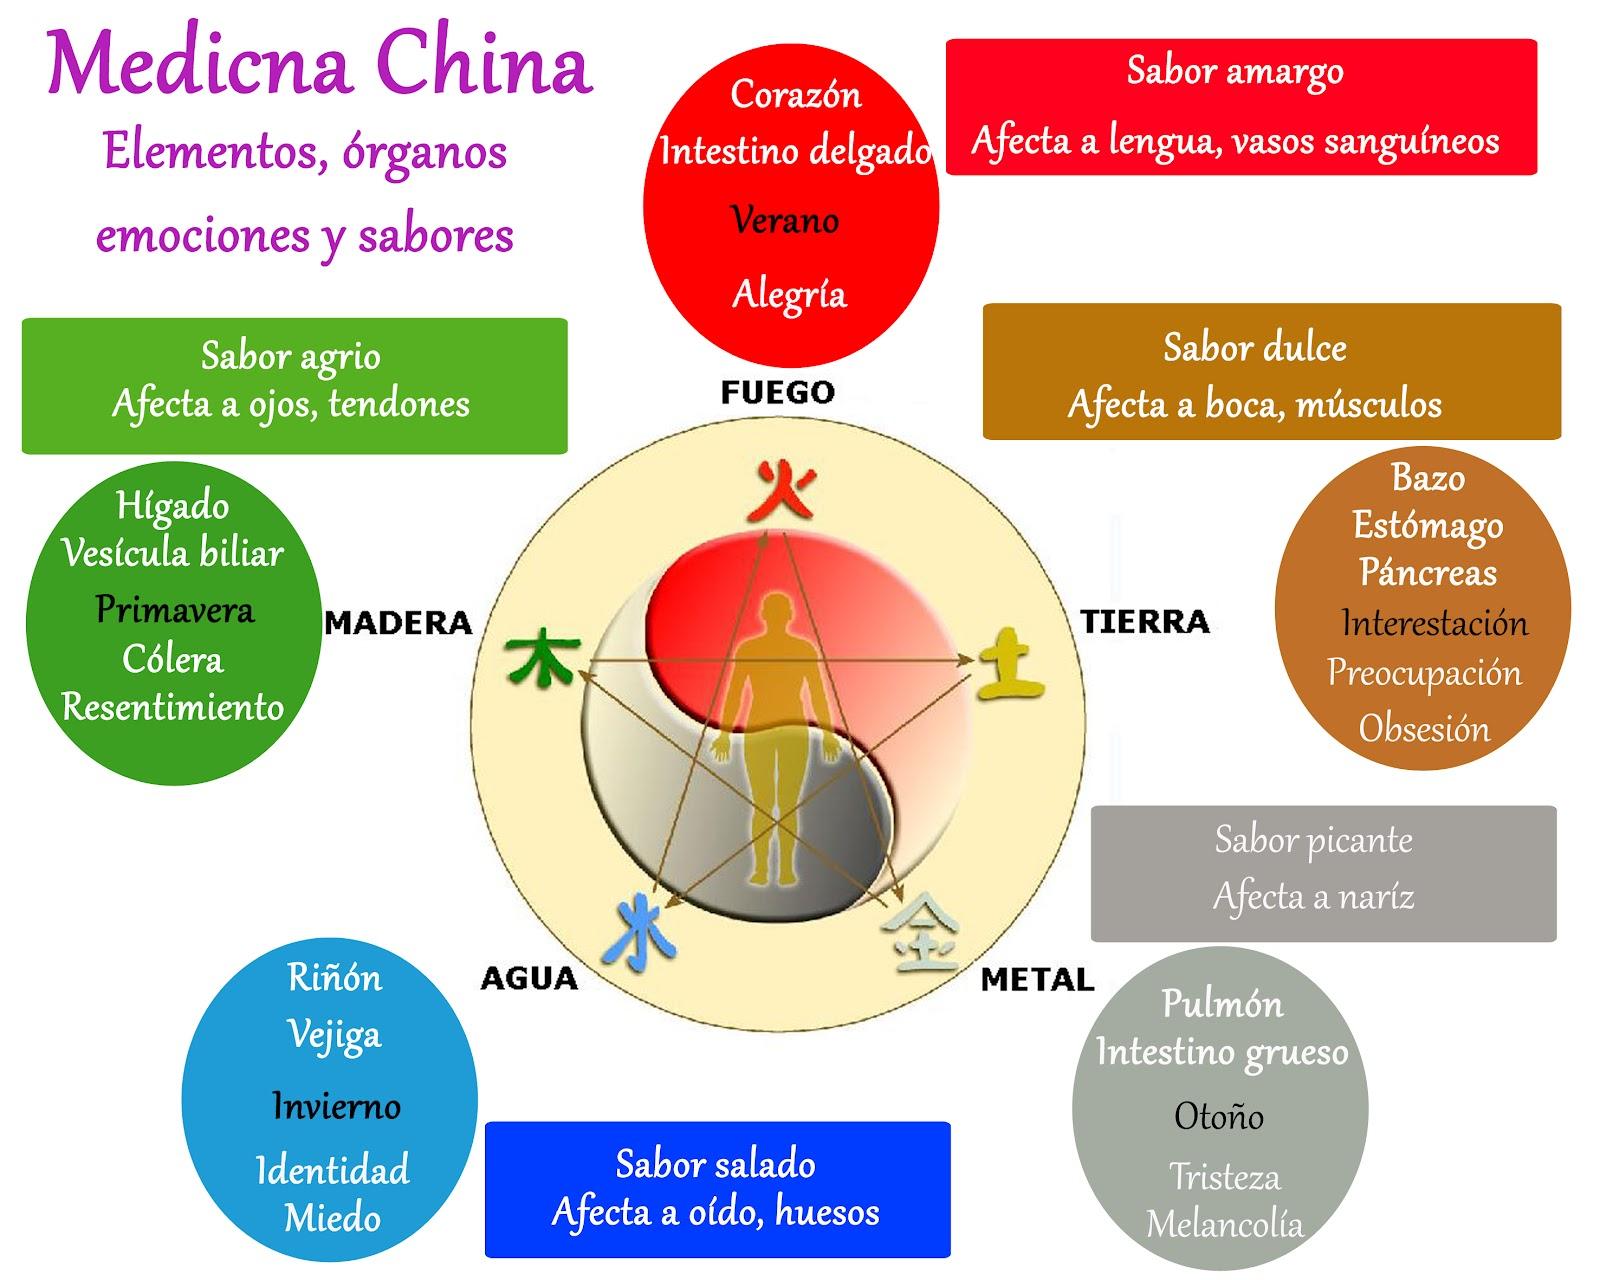 Resultado de imagen de medicina china y los elementos